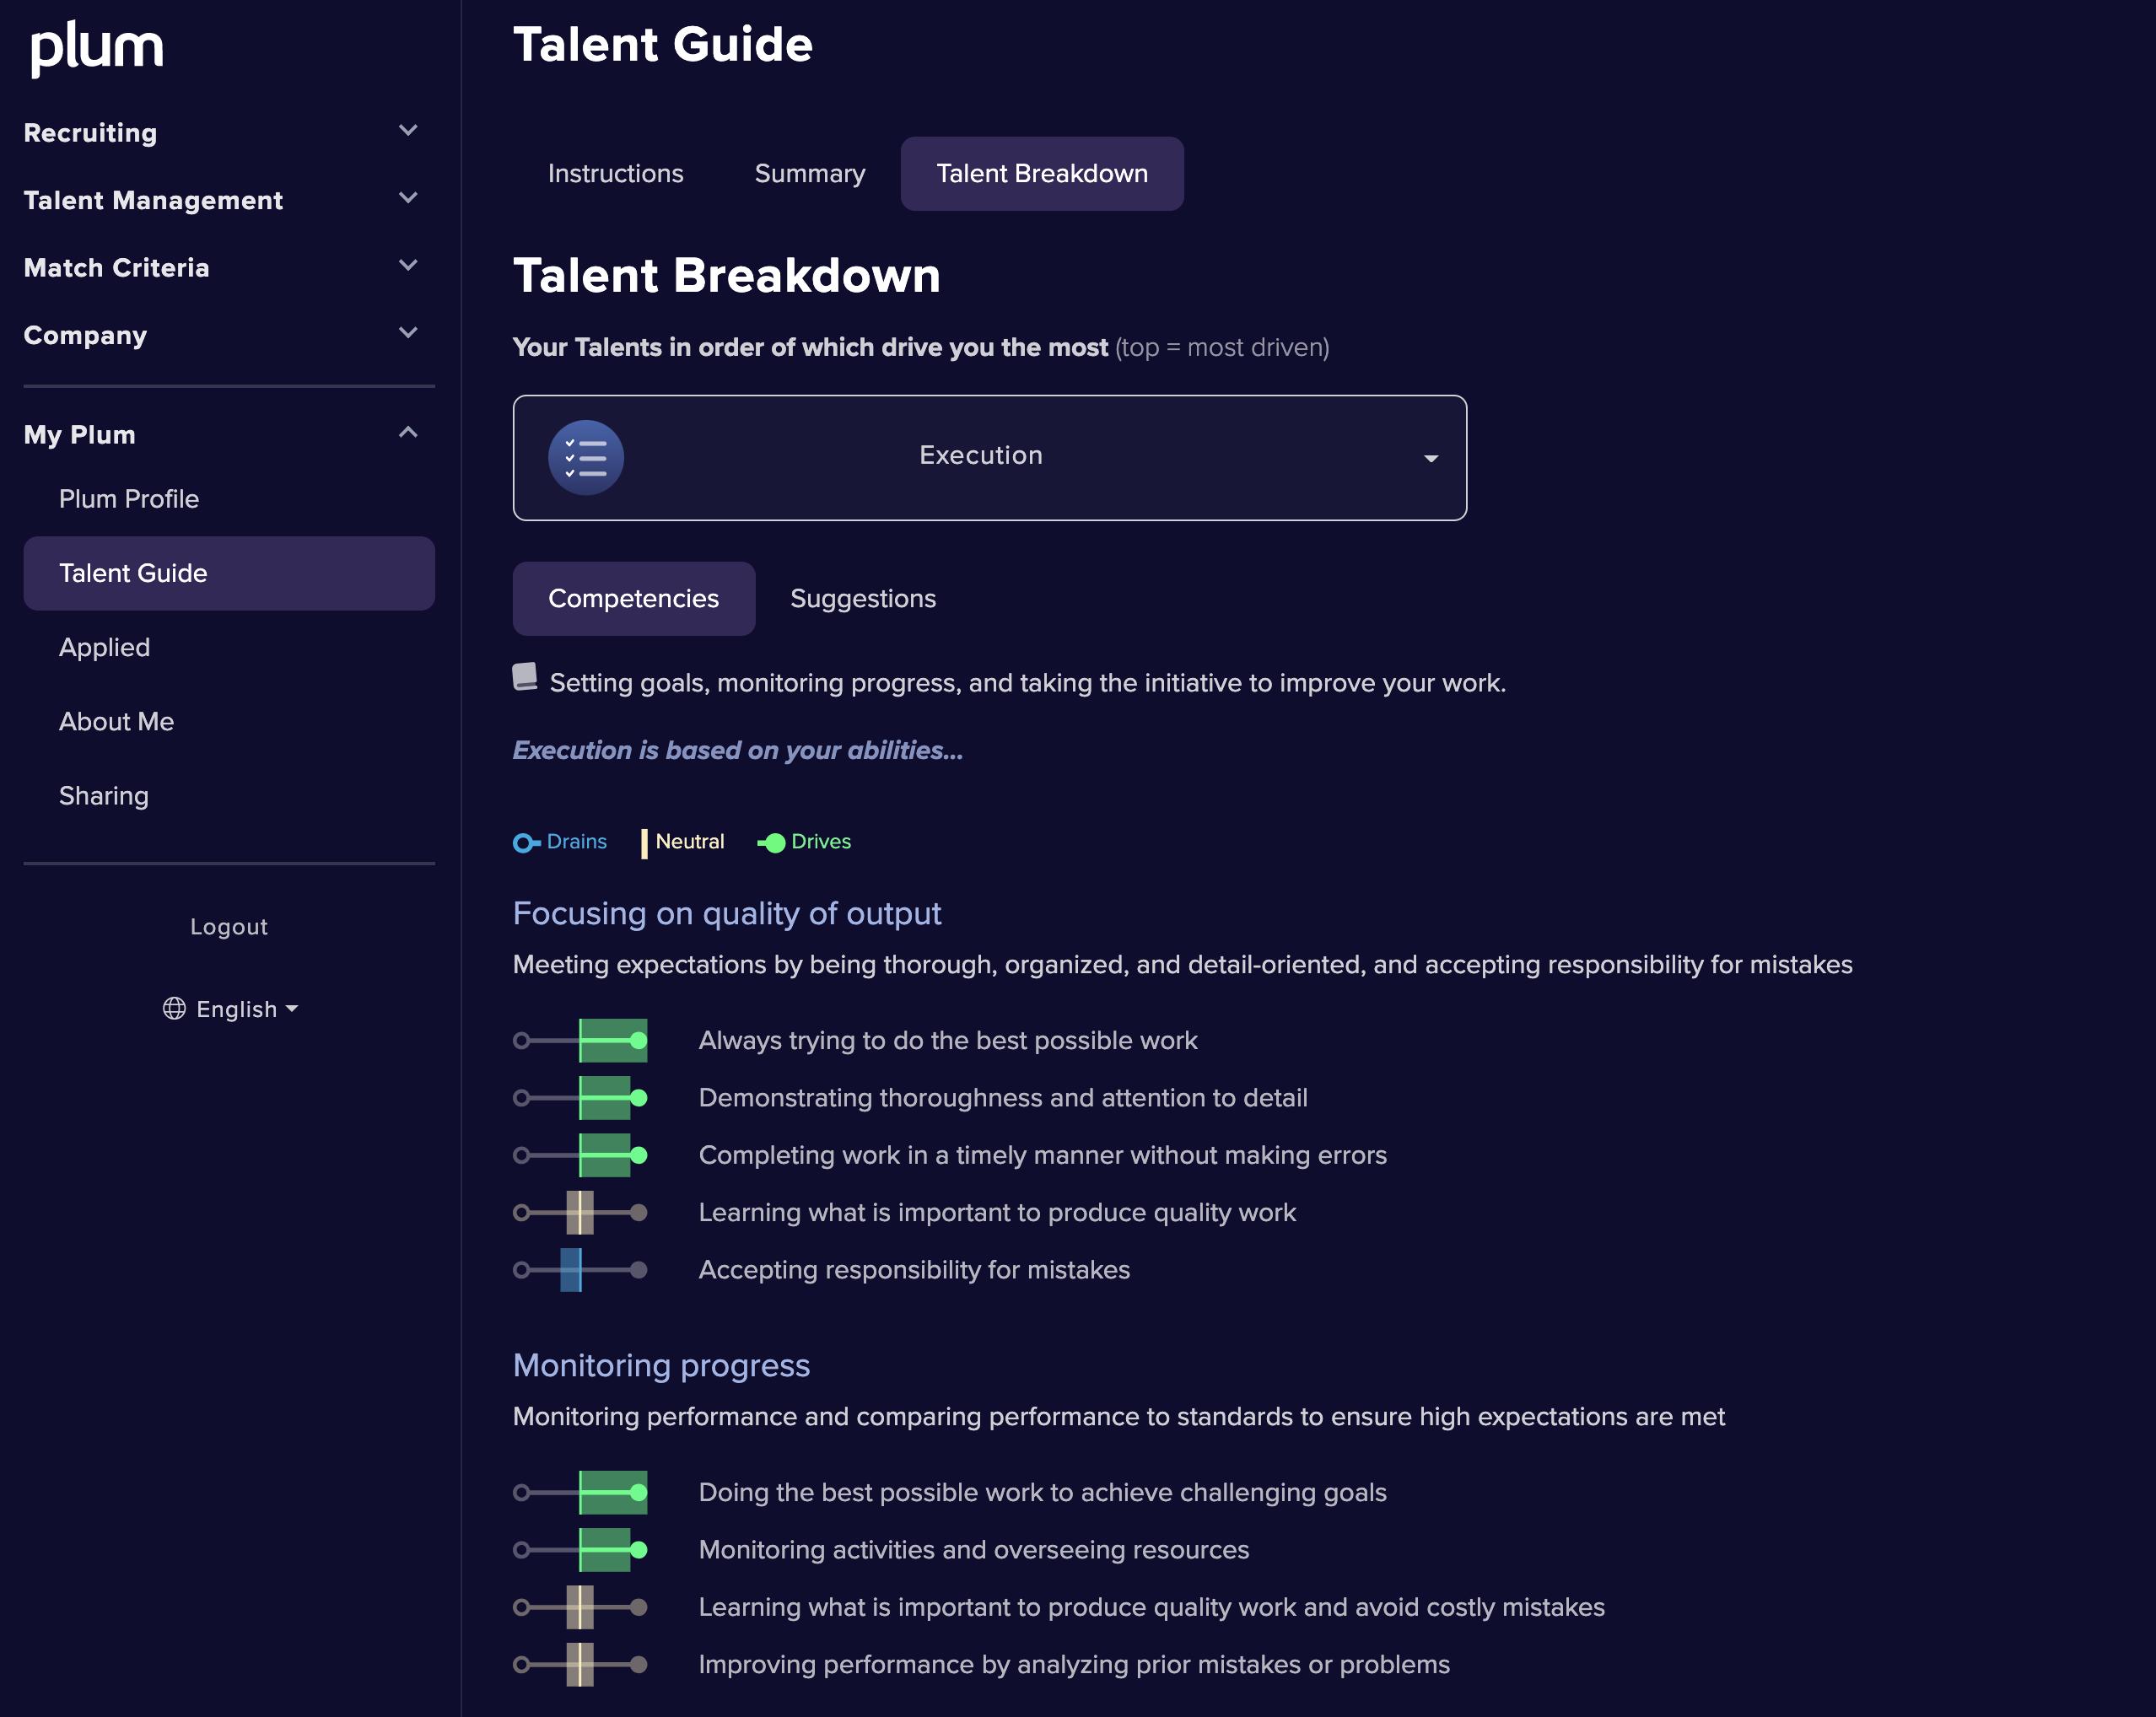 Plum Talent Guide screenshot